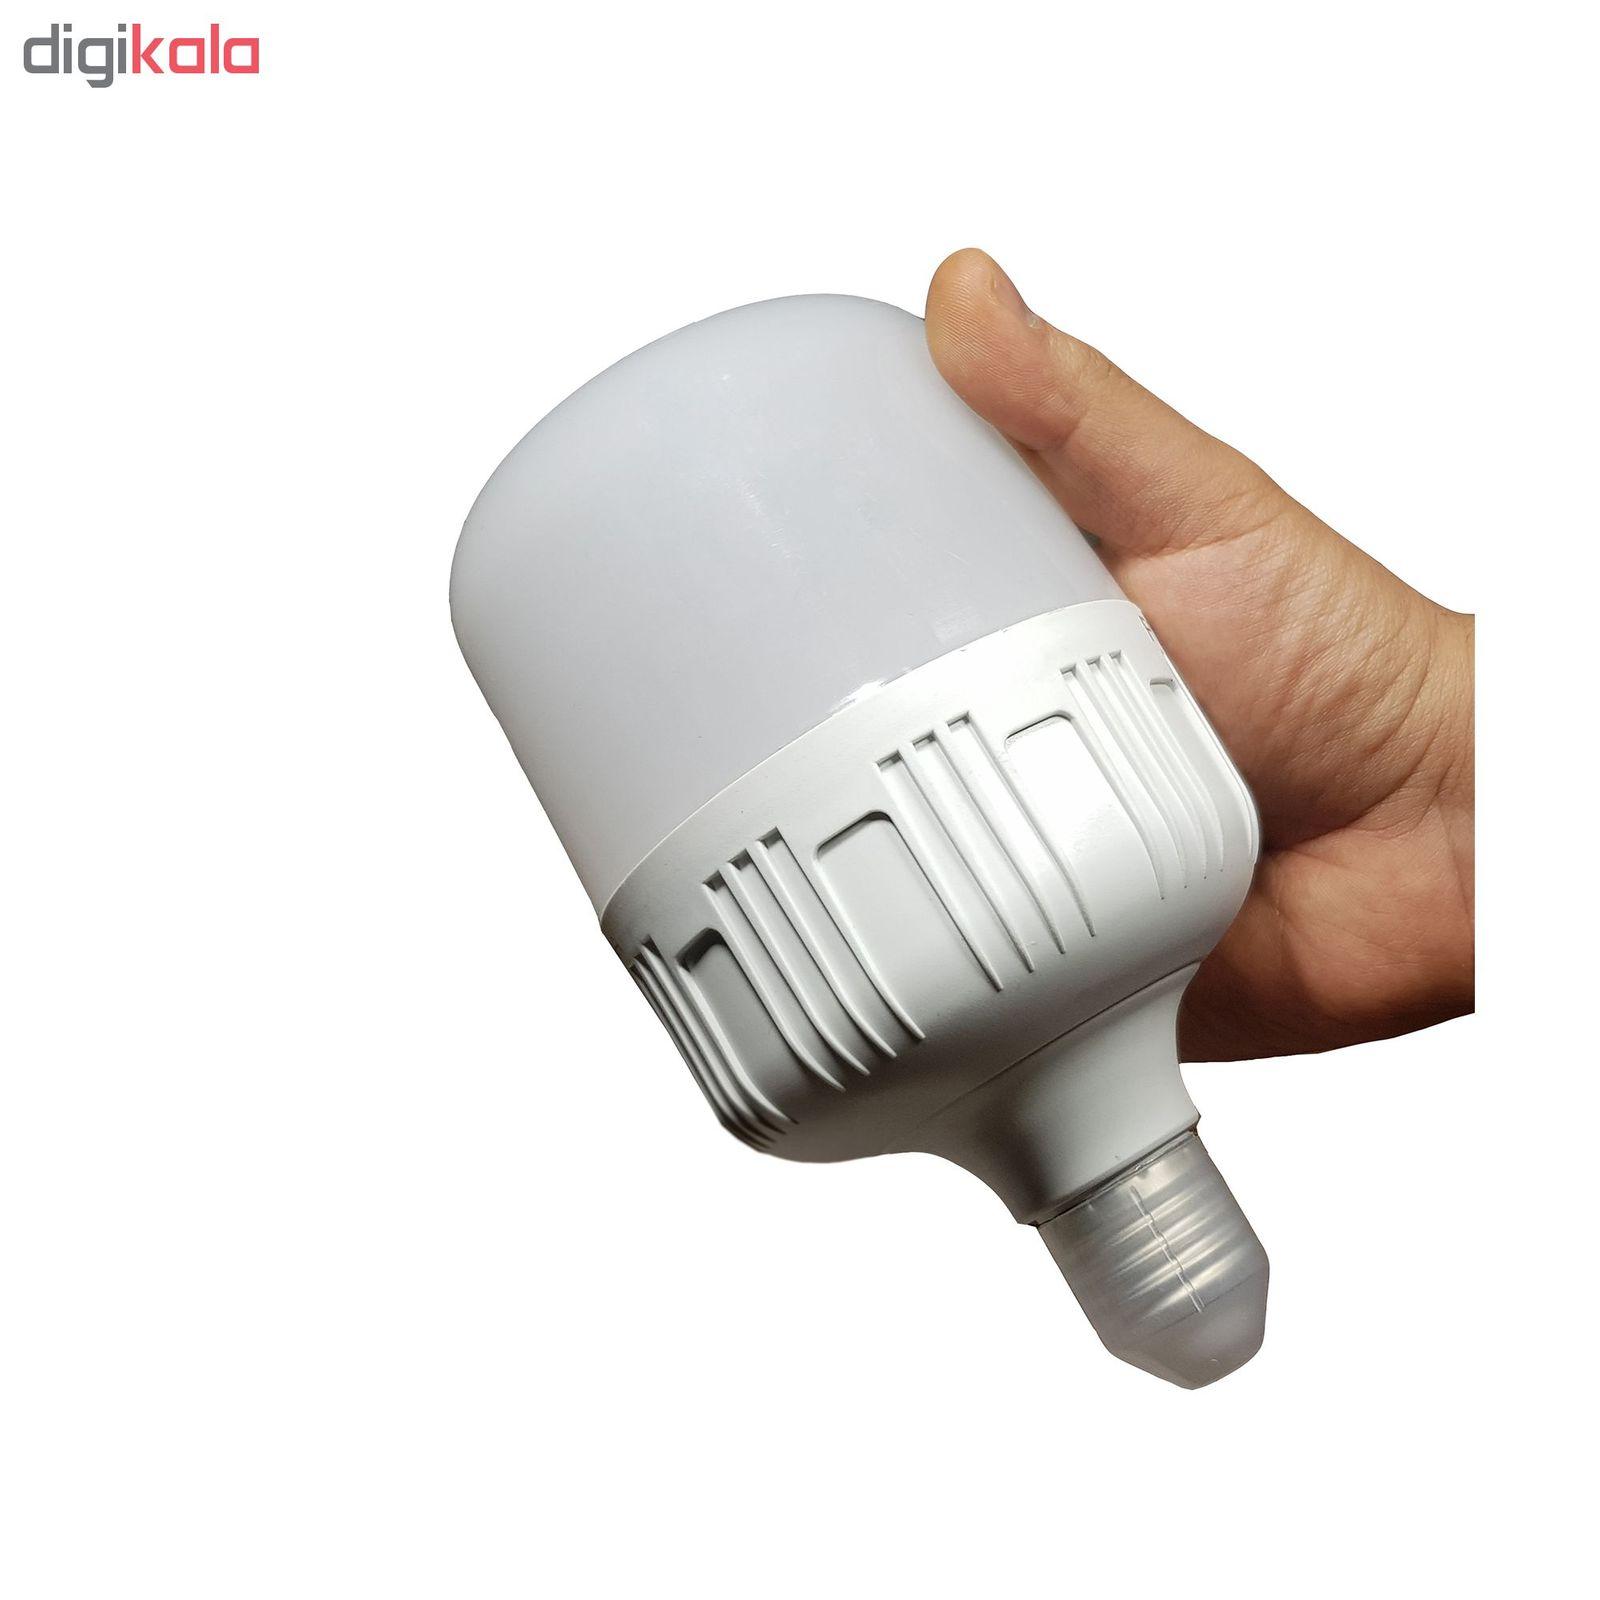 لامپ ال ای دی 30 وات پوکلا کد SH_3030  main 1 2